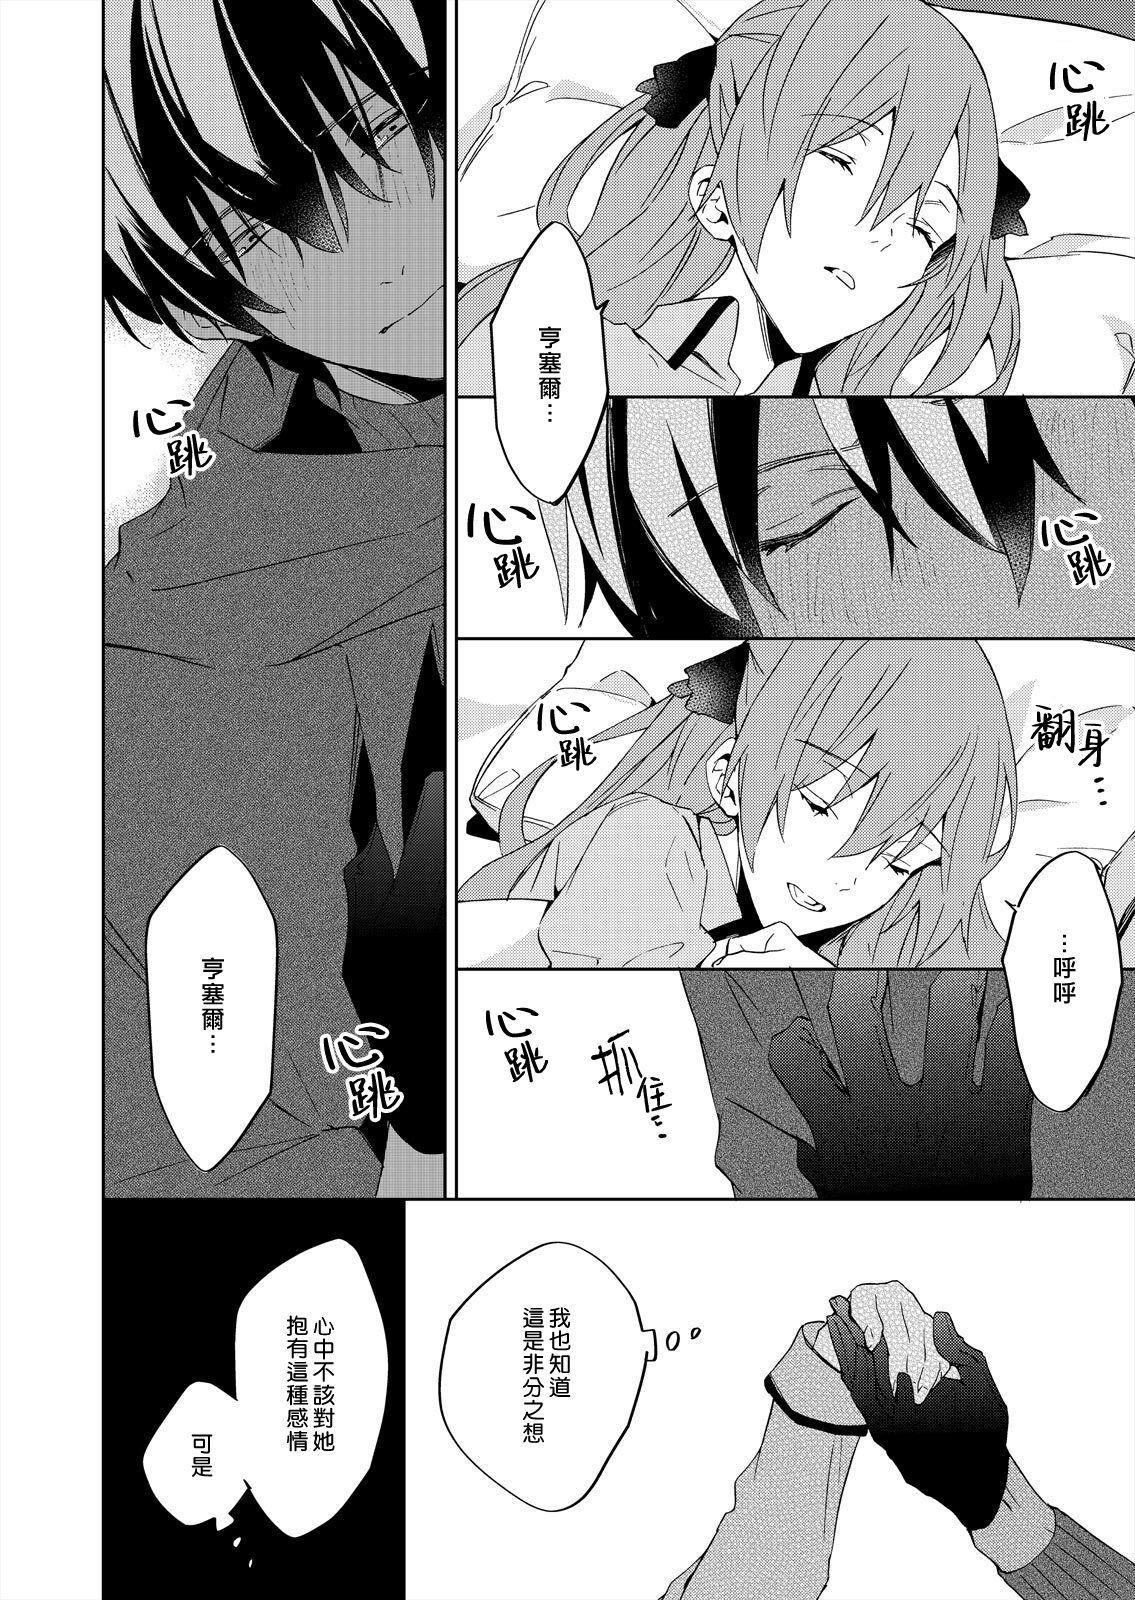 [Yuzushiwo] Akuyaku Reijou wa Ichizu ni Dekiai sarete ~Noumitsu Sex no Aite wa Juuboku~ | 被疯狂溺爱的反派大小姐~浓密性爱对象是仆从~ 1-4 [Chinese] [莉赛特汉化组] 35